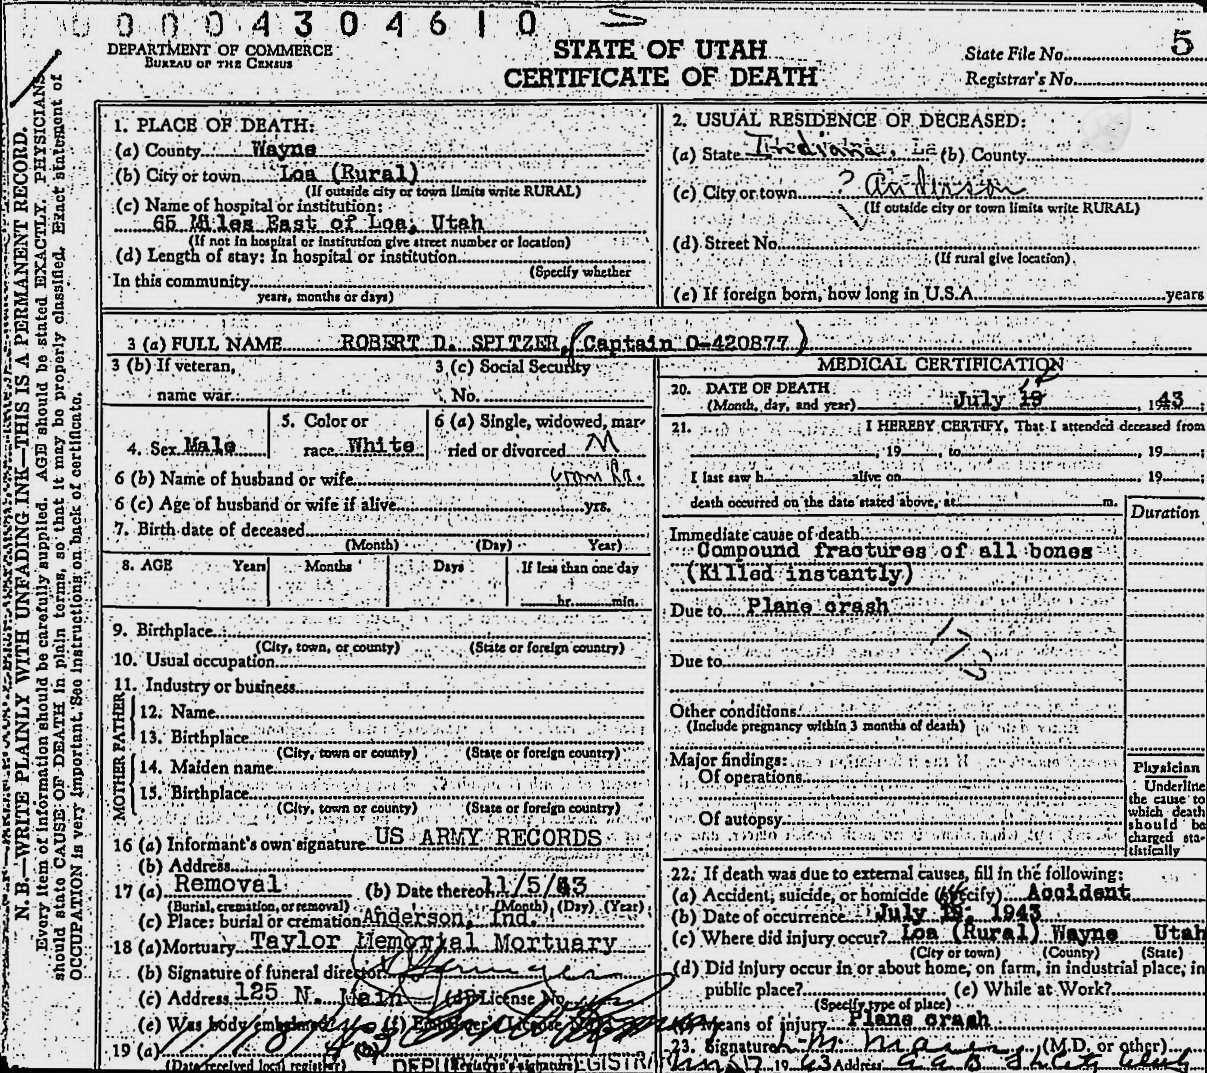 Death Certificate Robert D Spitzer